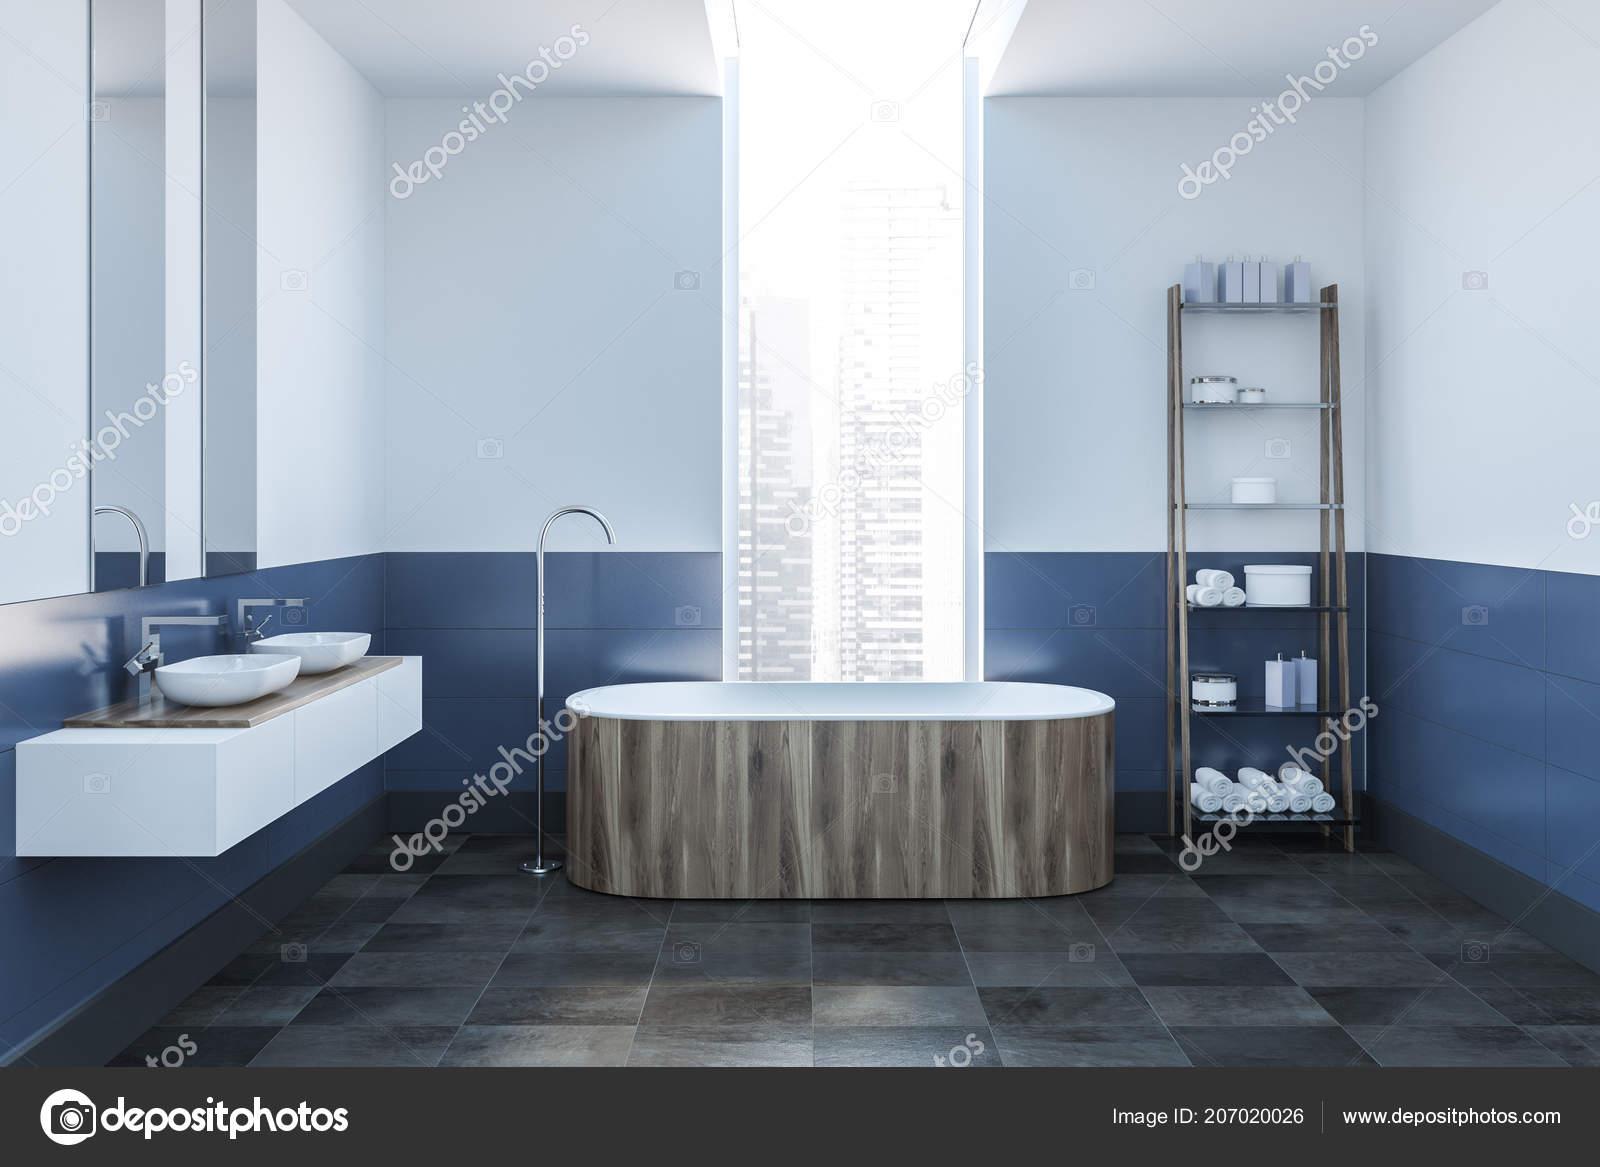 Nowoczesne łazienki Wnętrze Białe Niebieskie ściany Kafelki